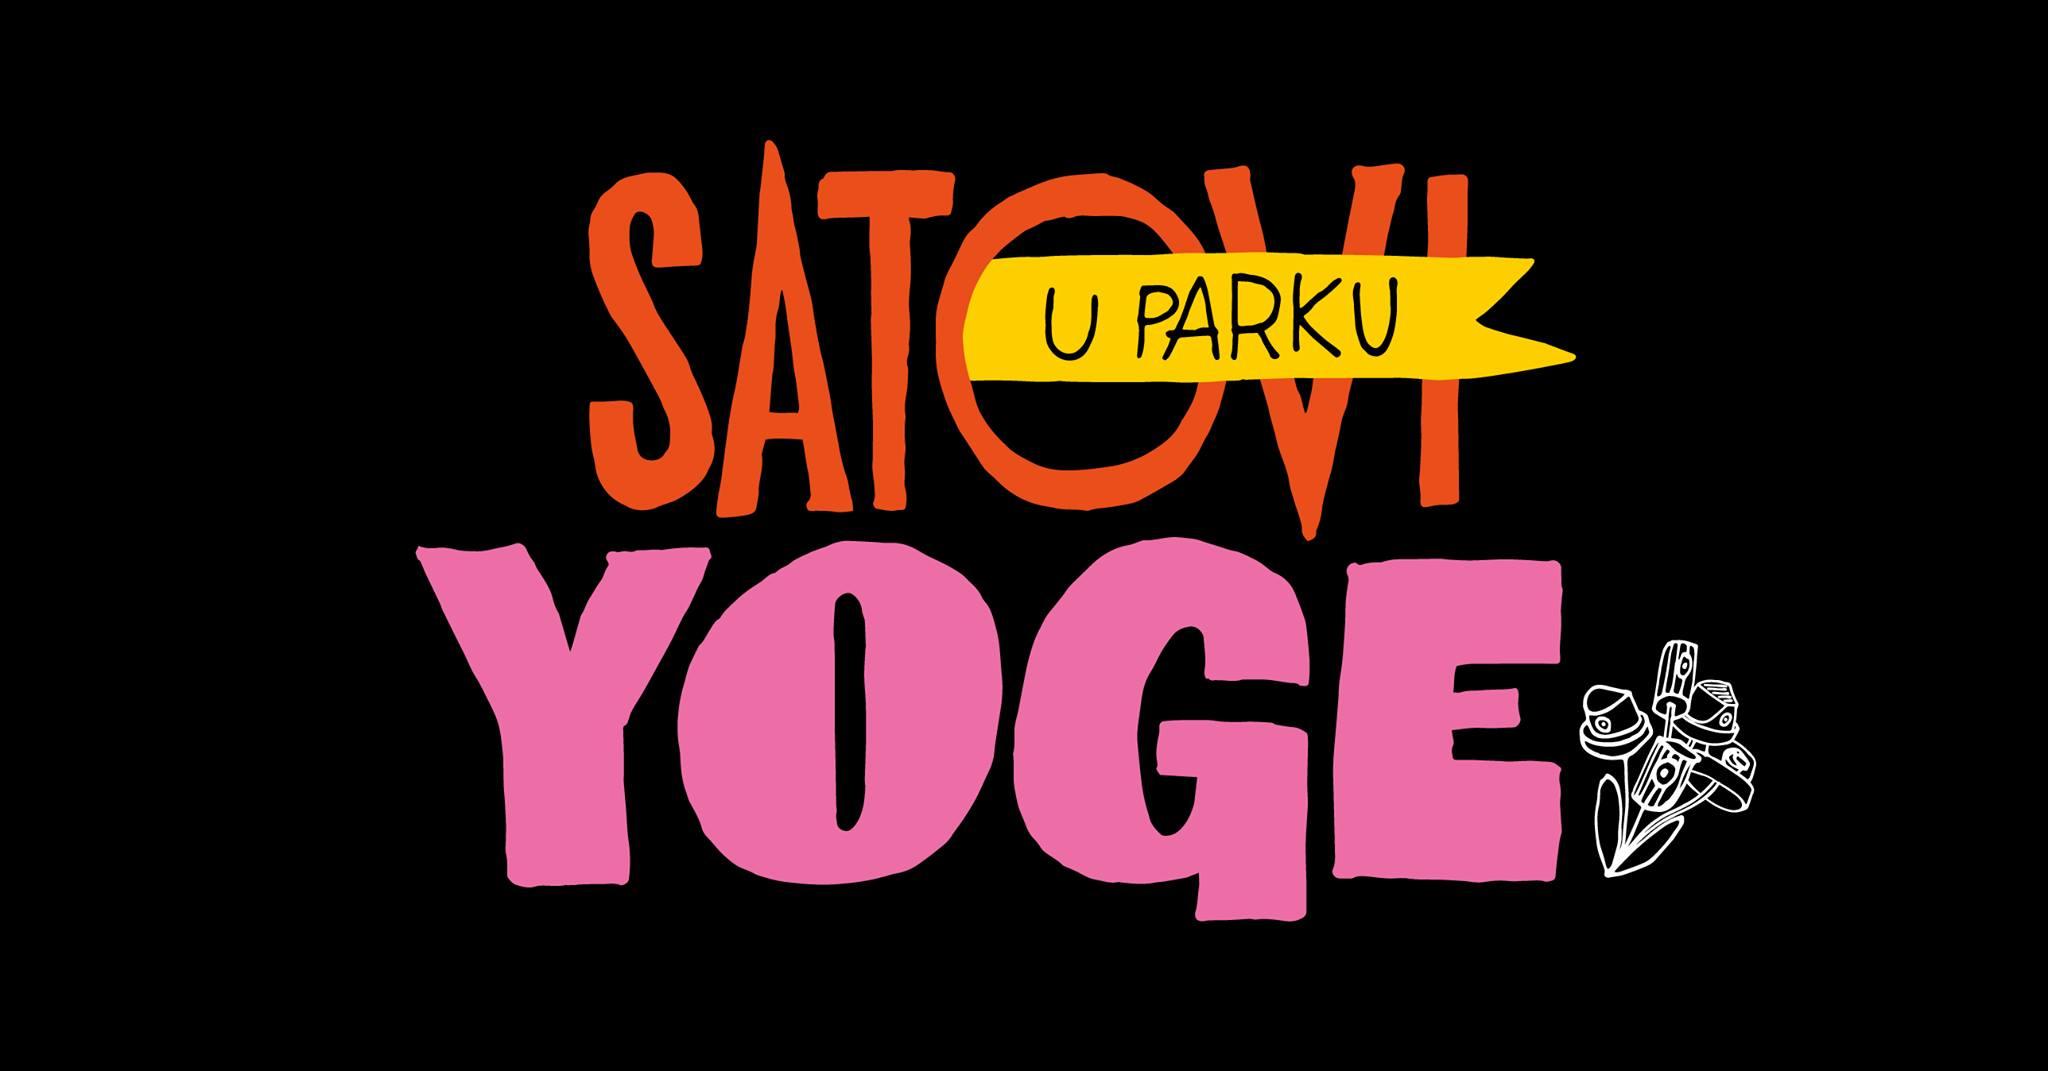 Satovi yoge u parku